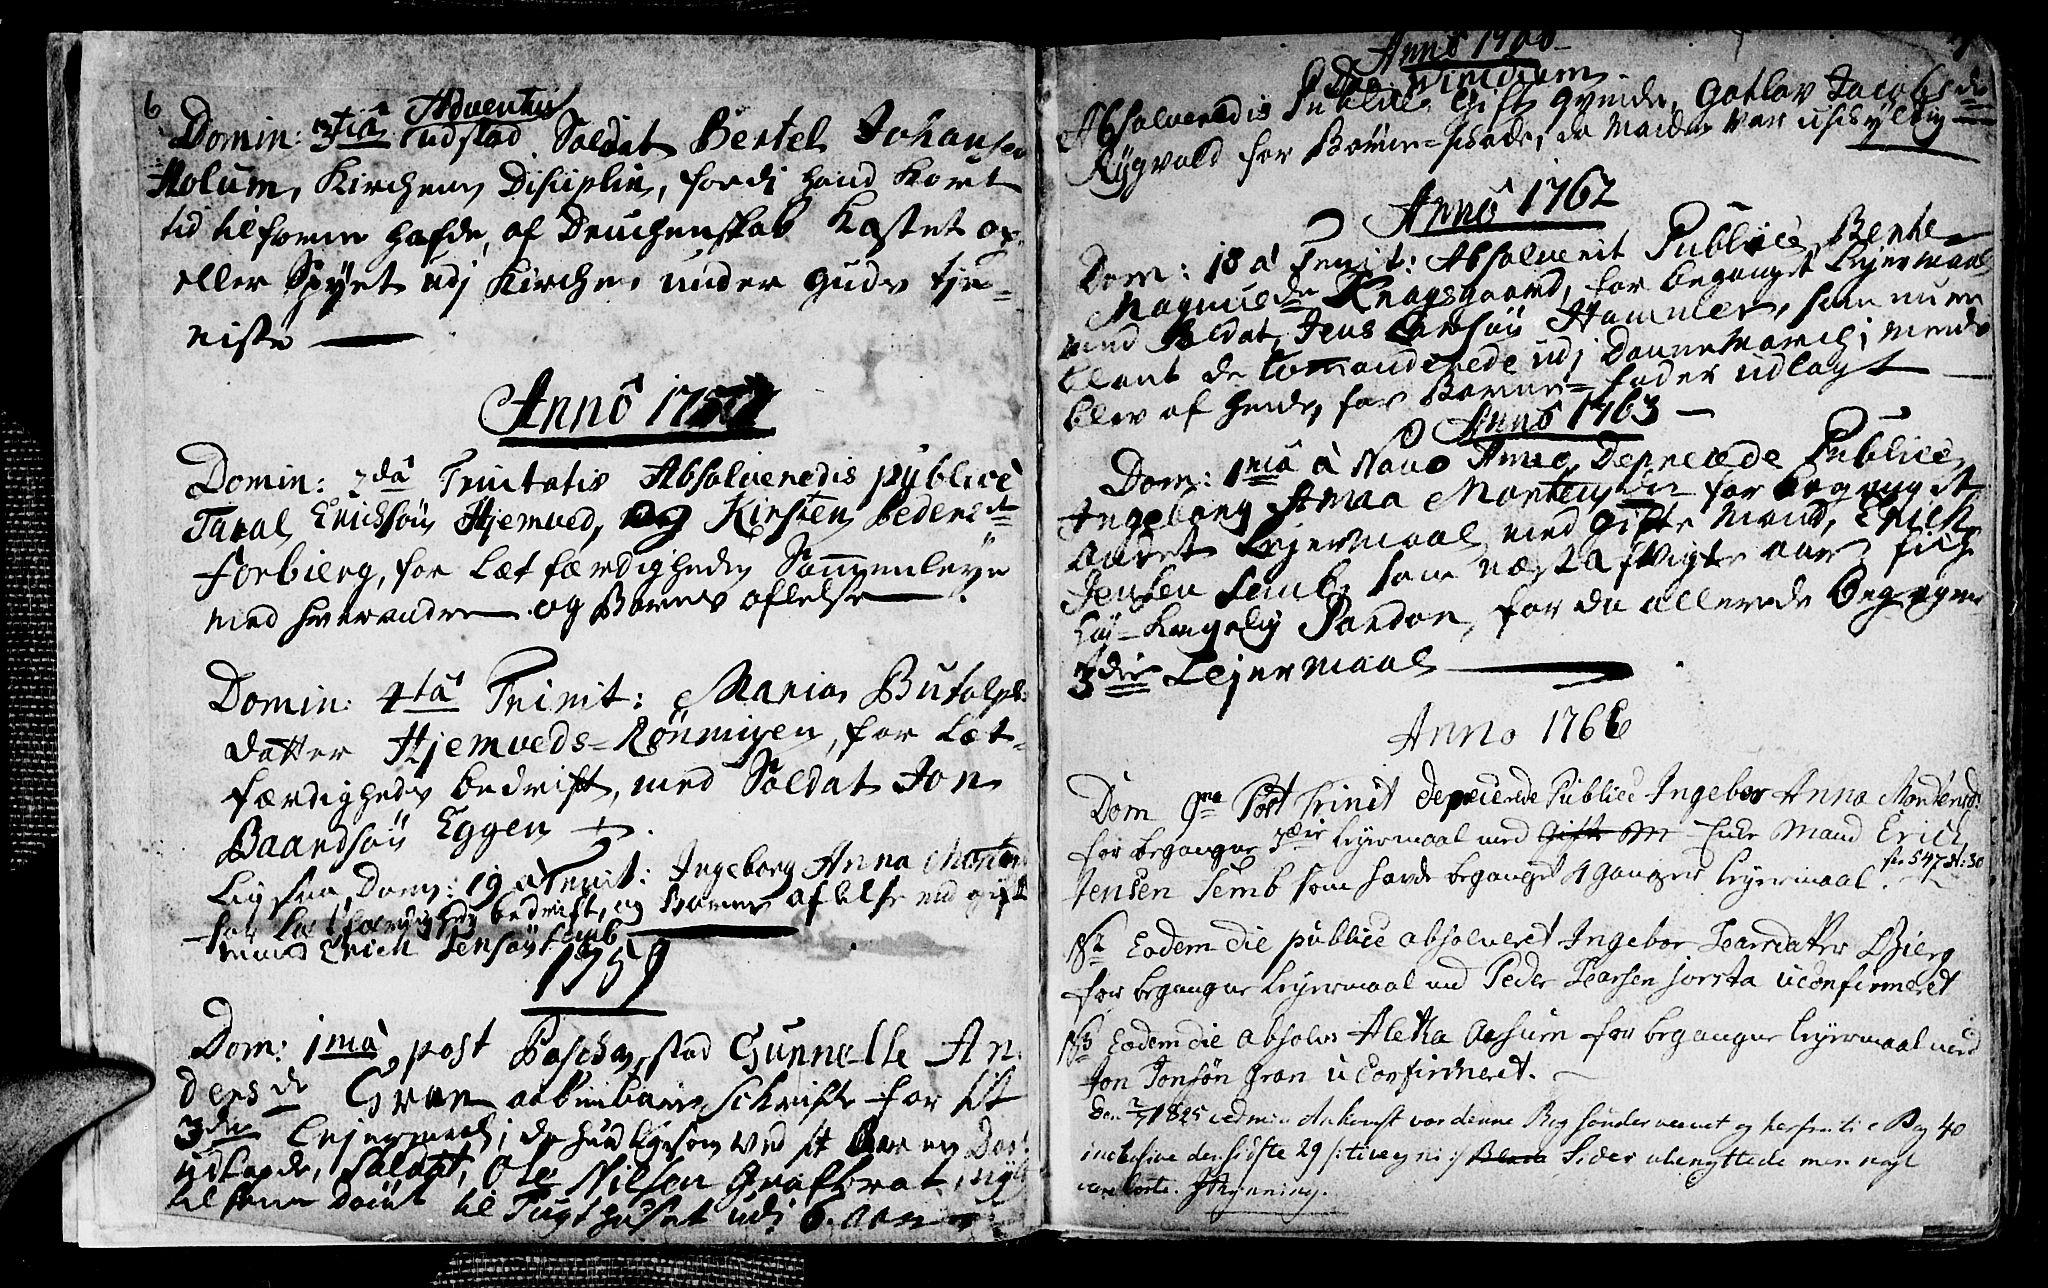 SAT, Ministerialprotokoller, klokkerbøker og fødselsregistre - Nord-Trøndelag, 749/L0467: Ministerialbok nr. 749A01, 1733-1787, s. 6-7